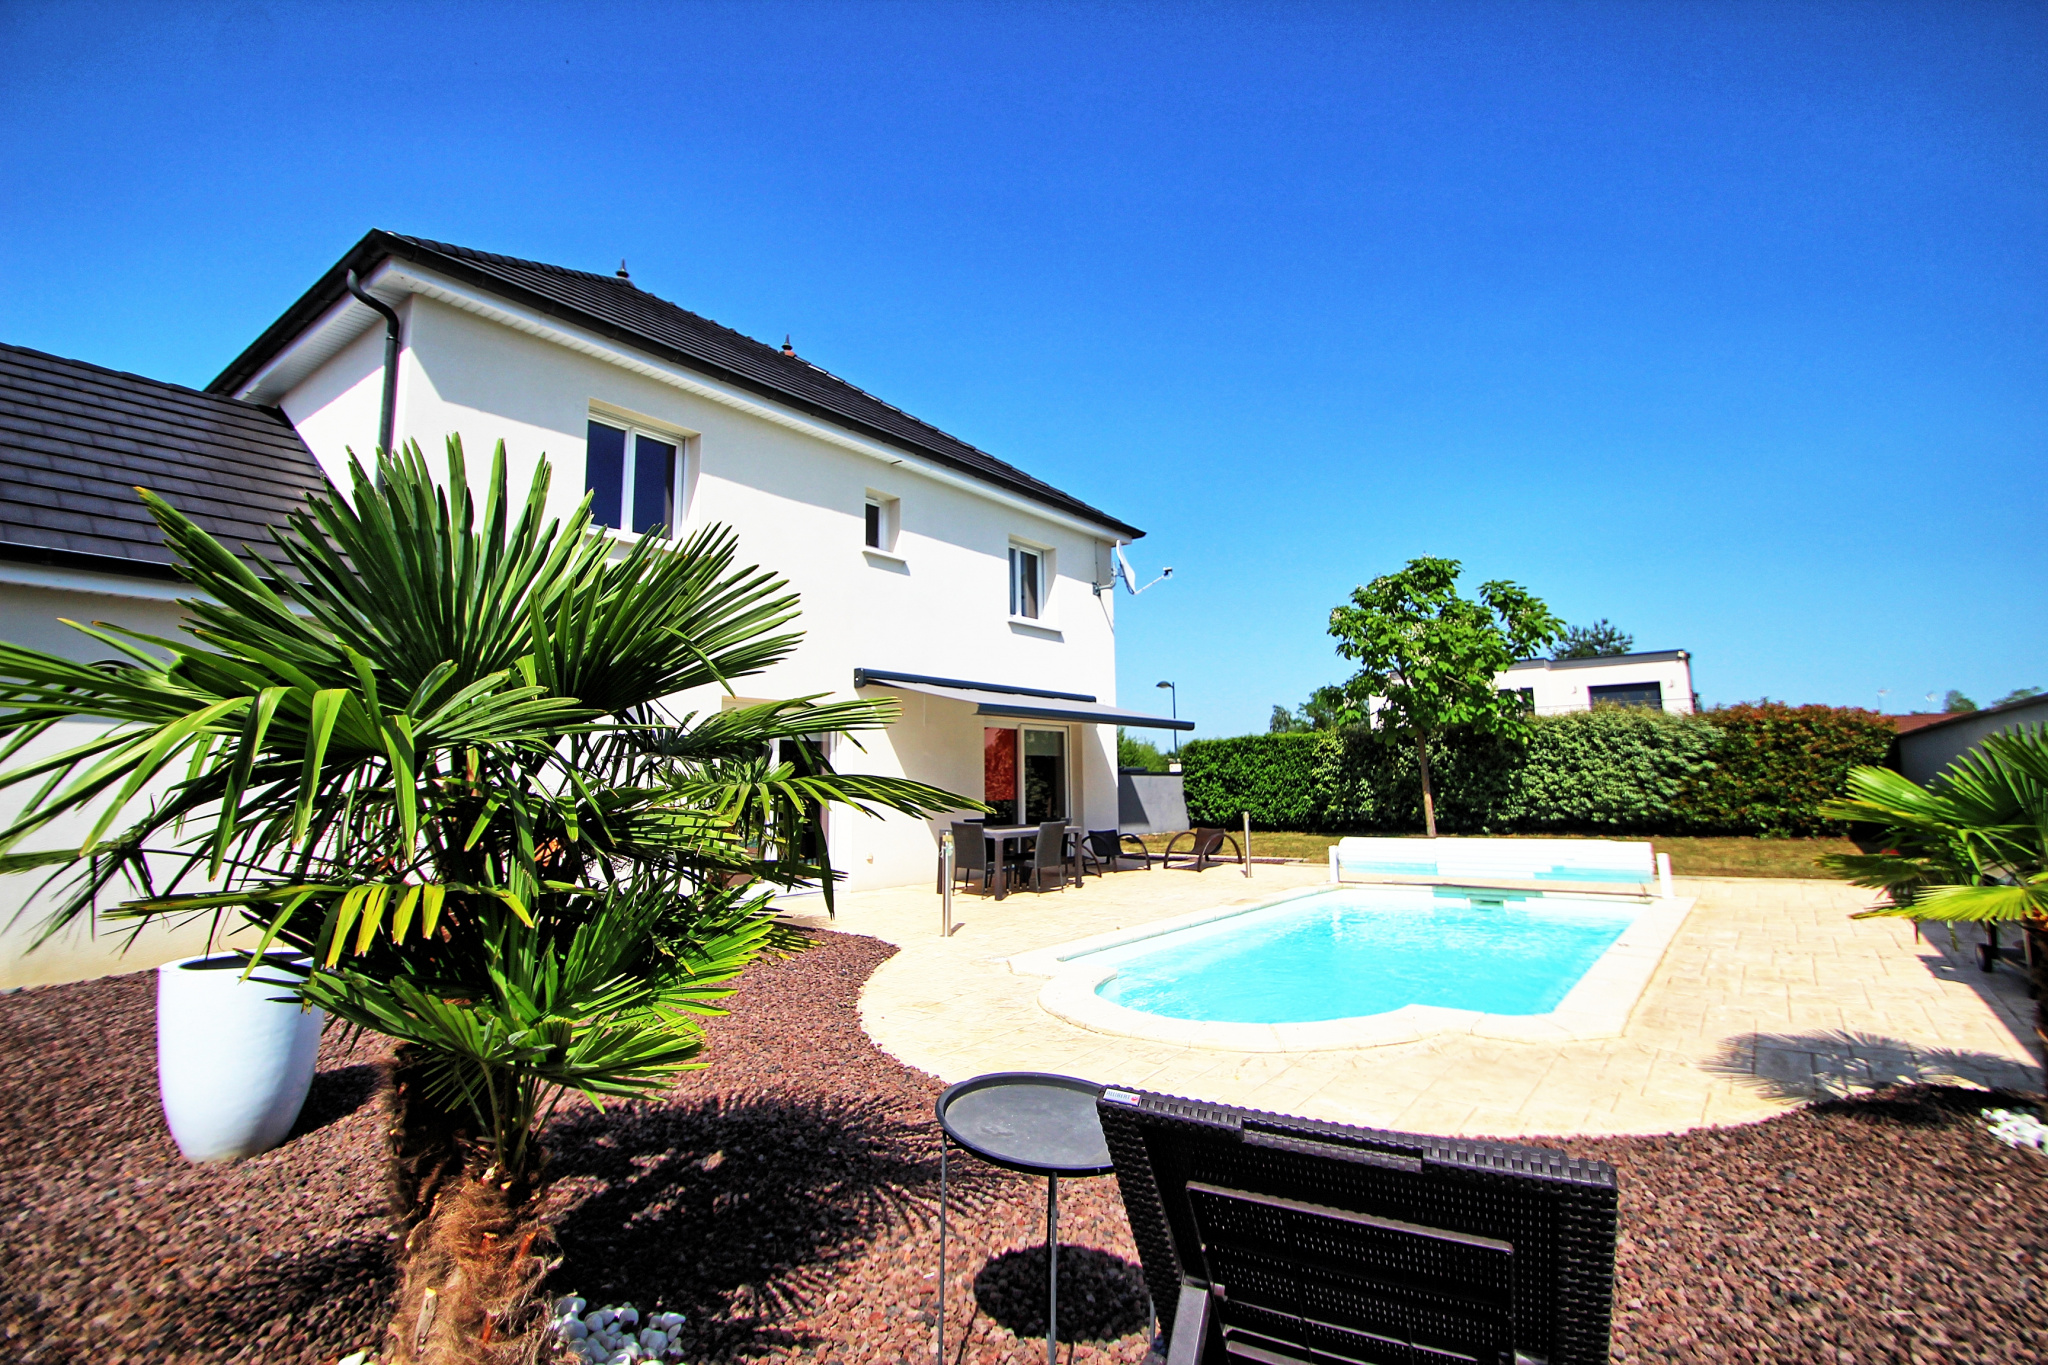 Vente maison/villa chevigny st sauveur BUS